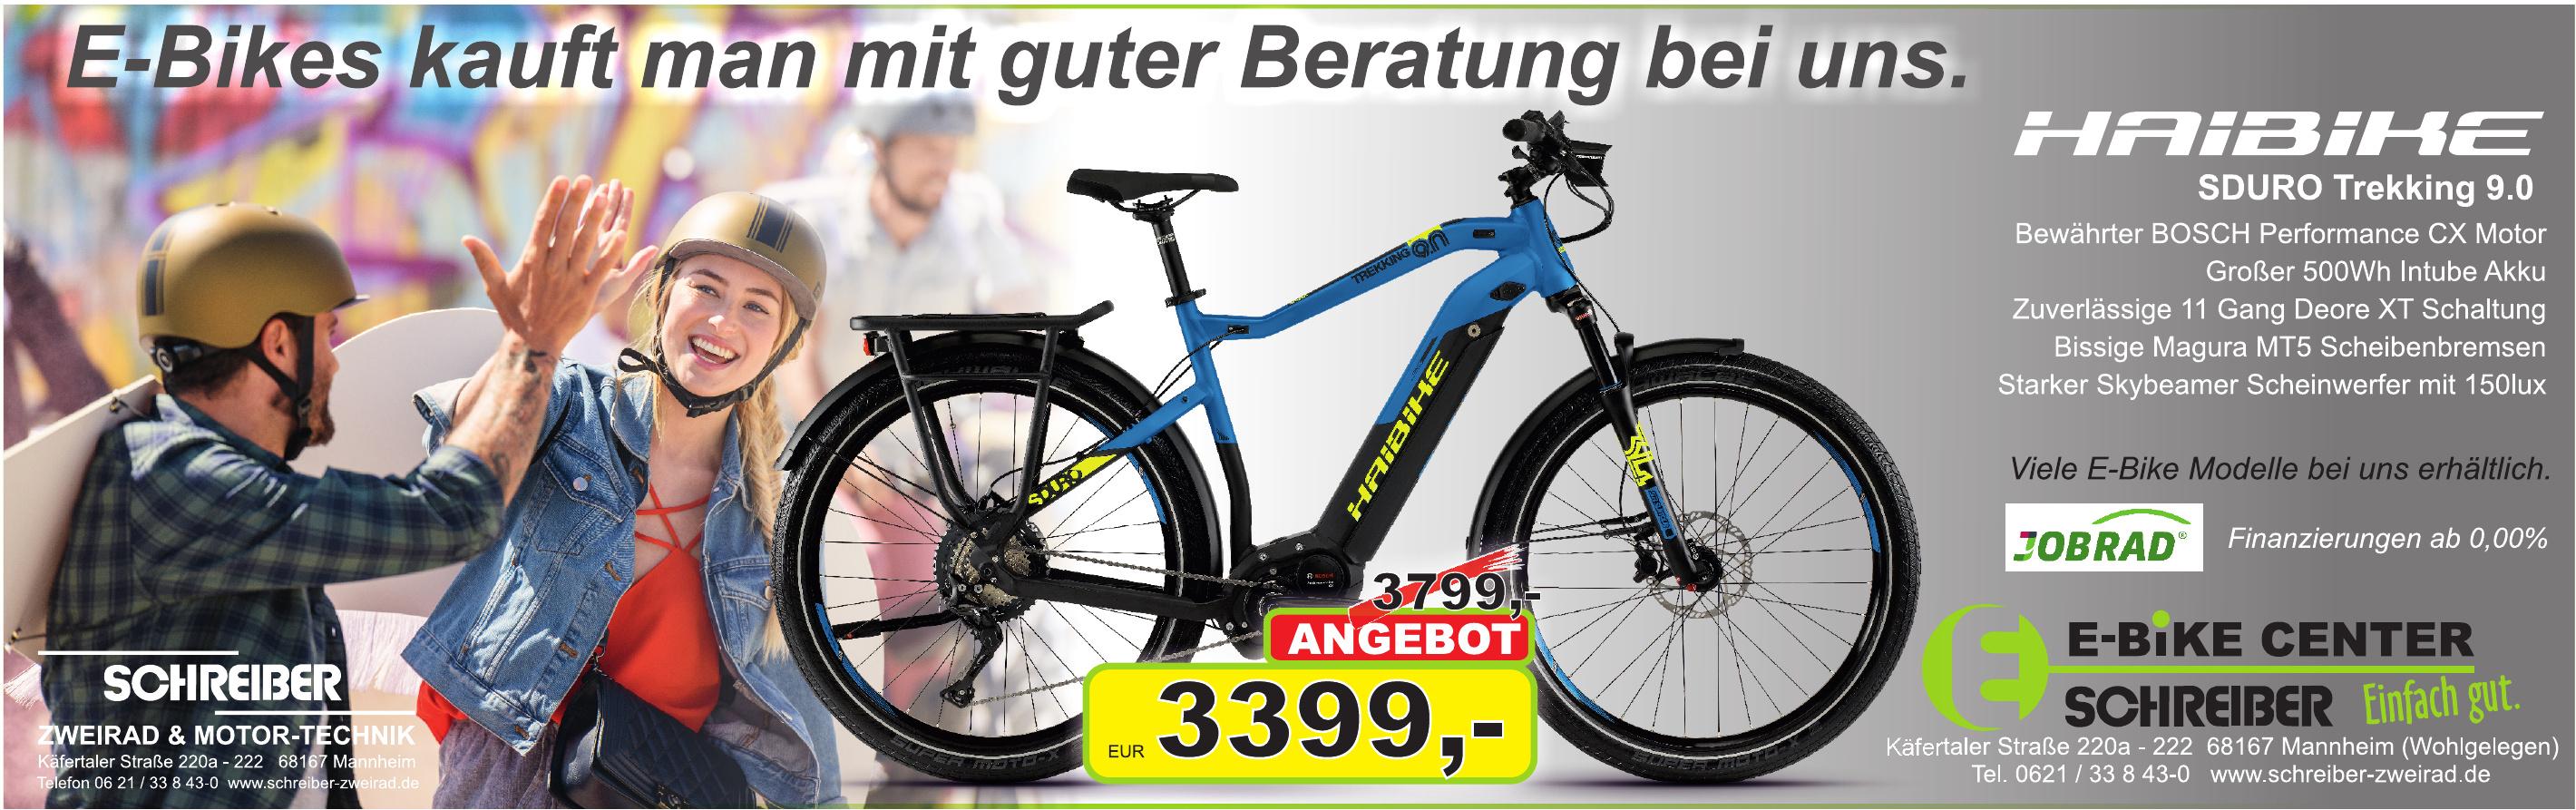 E-Bike Center Schreiber